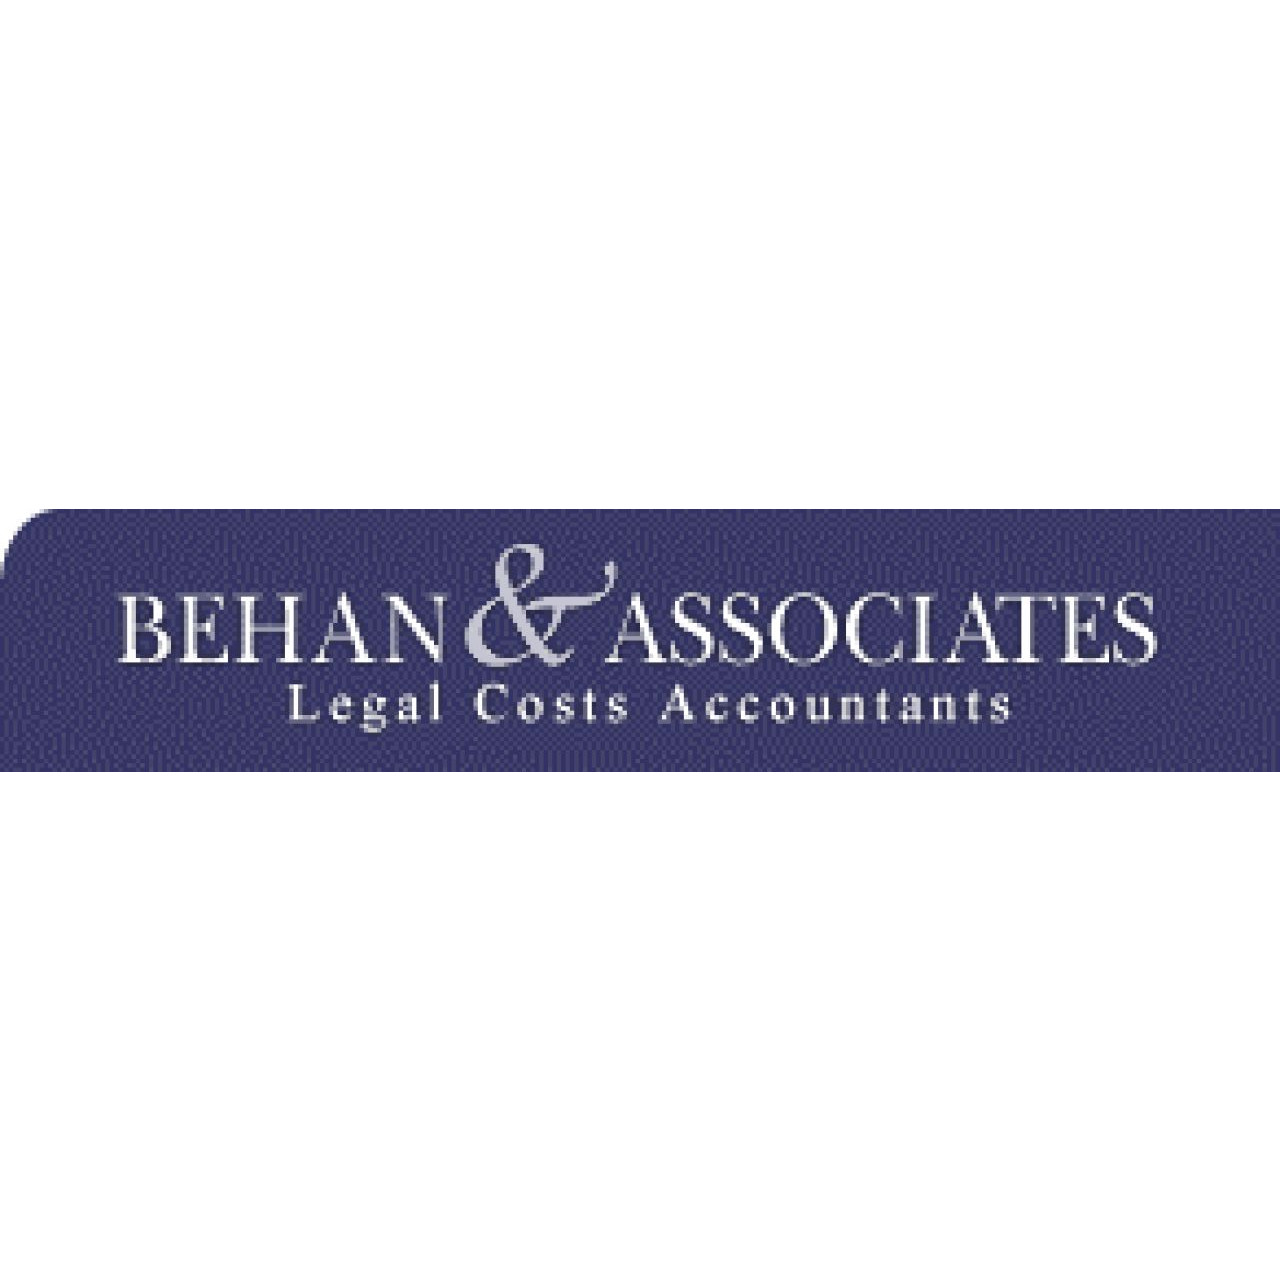 Behan & Associates